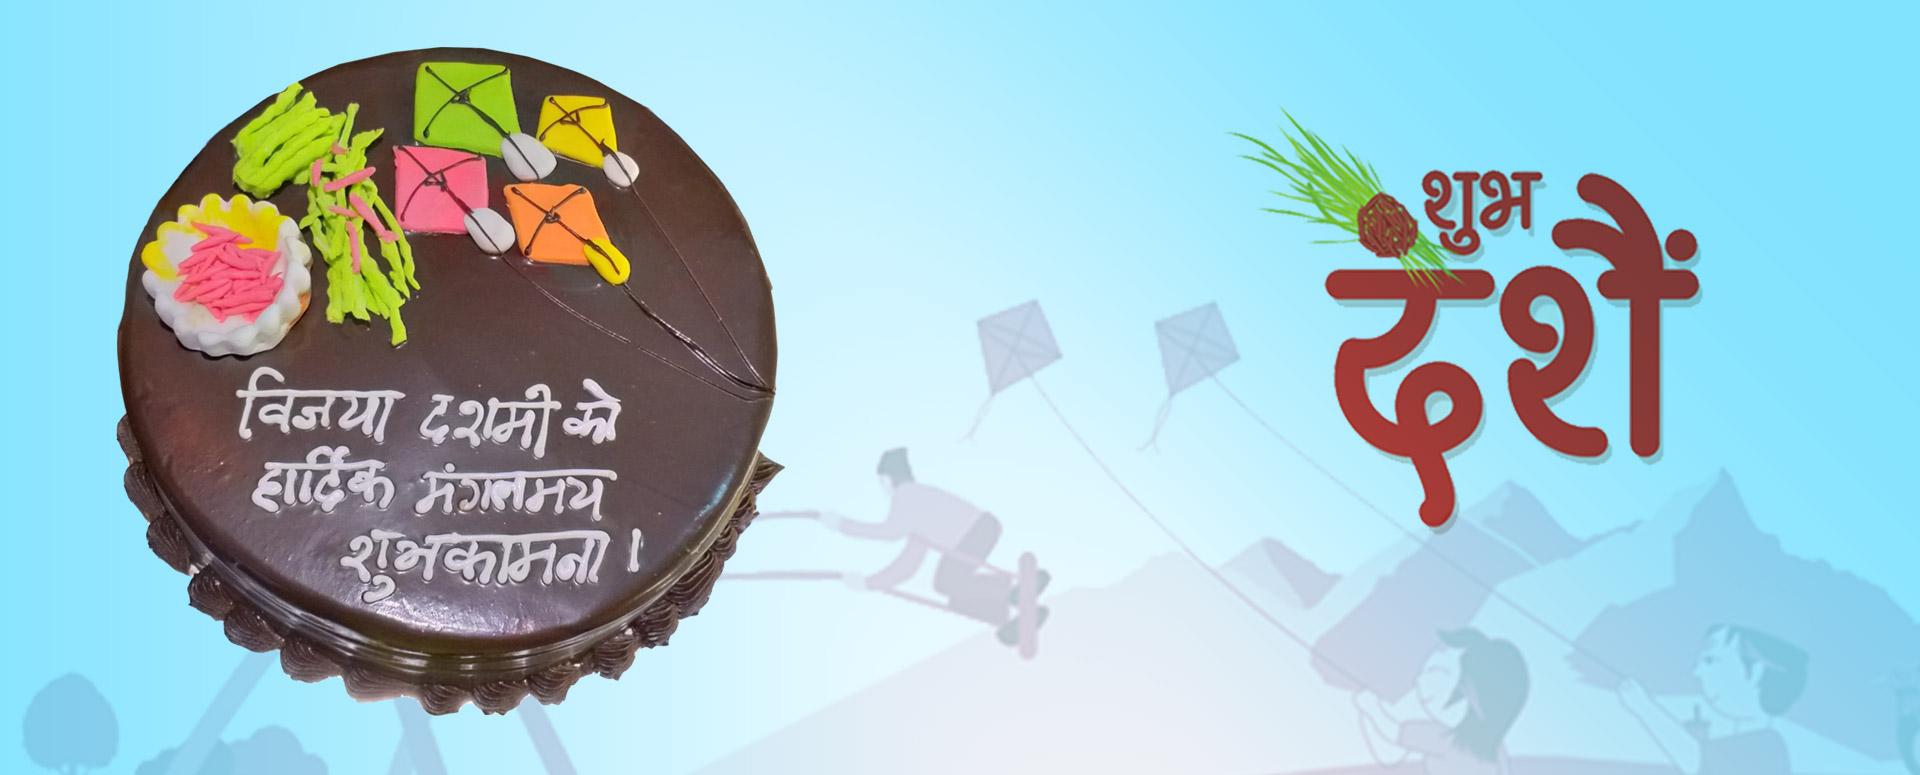 Happy Vijaya Dashain